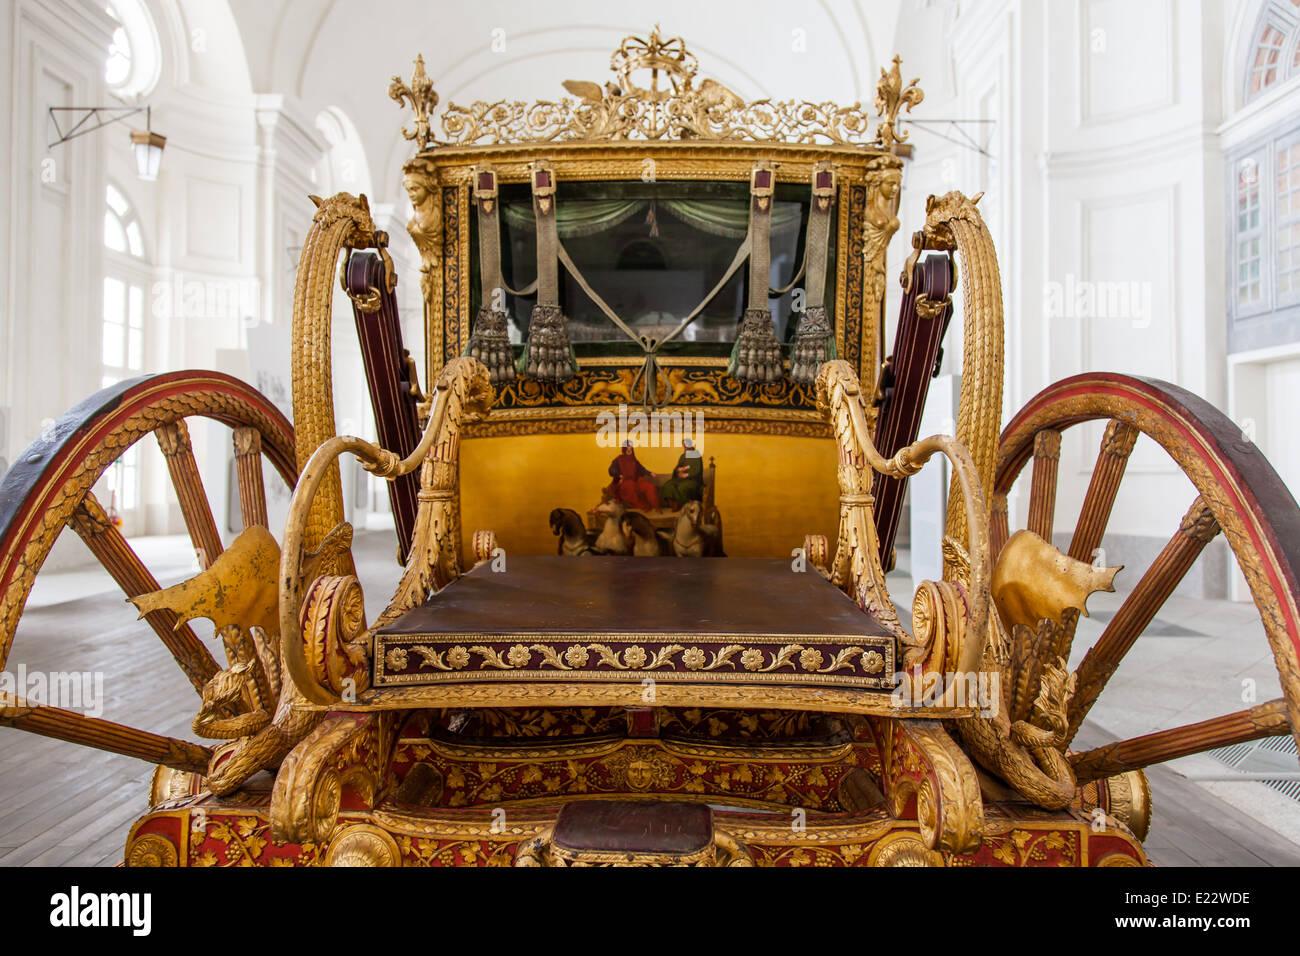 Italy. Old coach on luxury palace background. - Stock Image